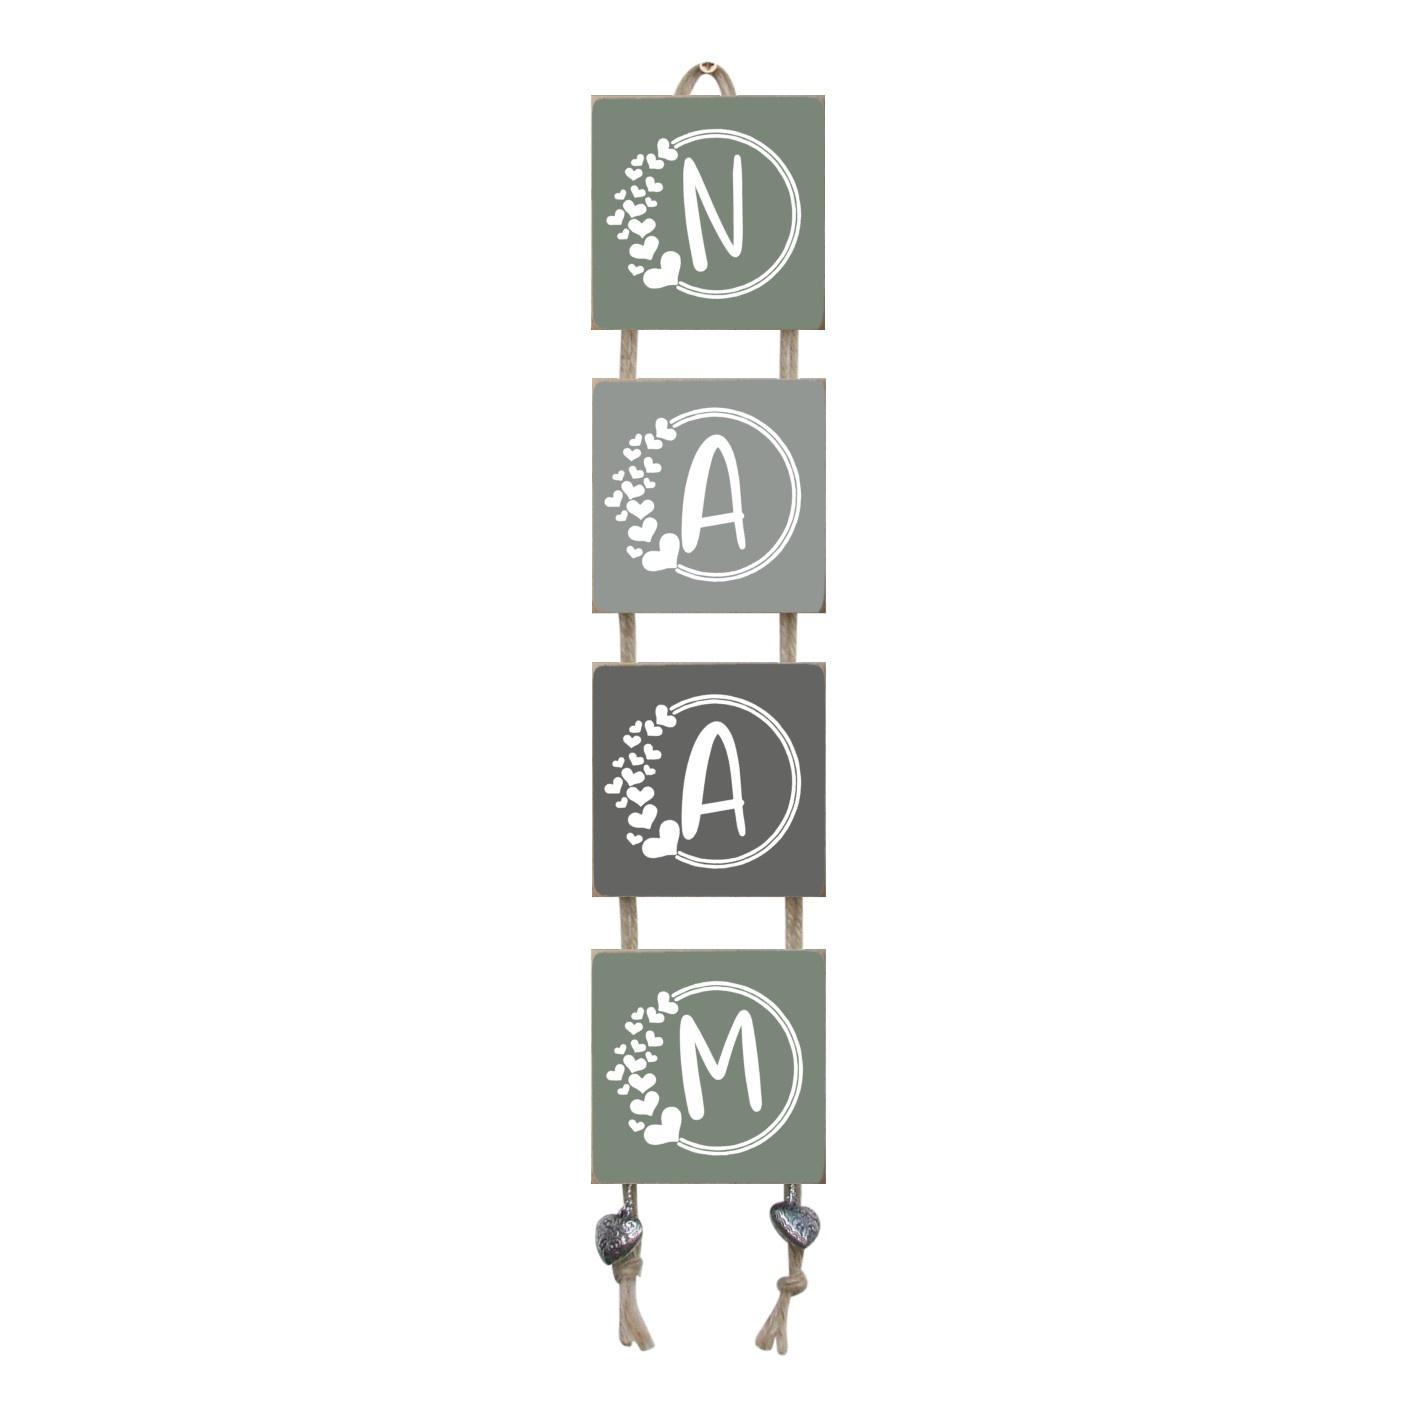 Naamladder leemgroen/grijstinten hartjes letter